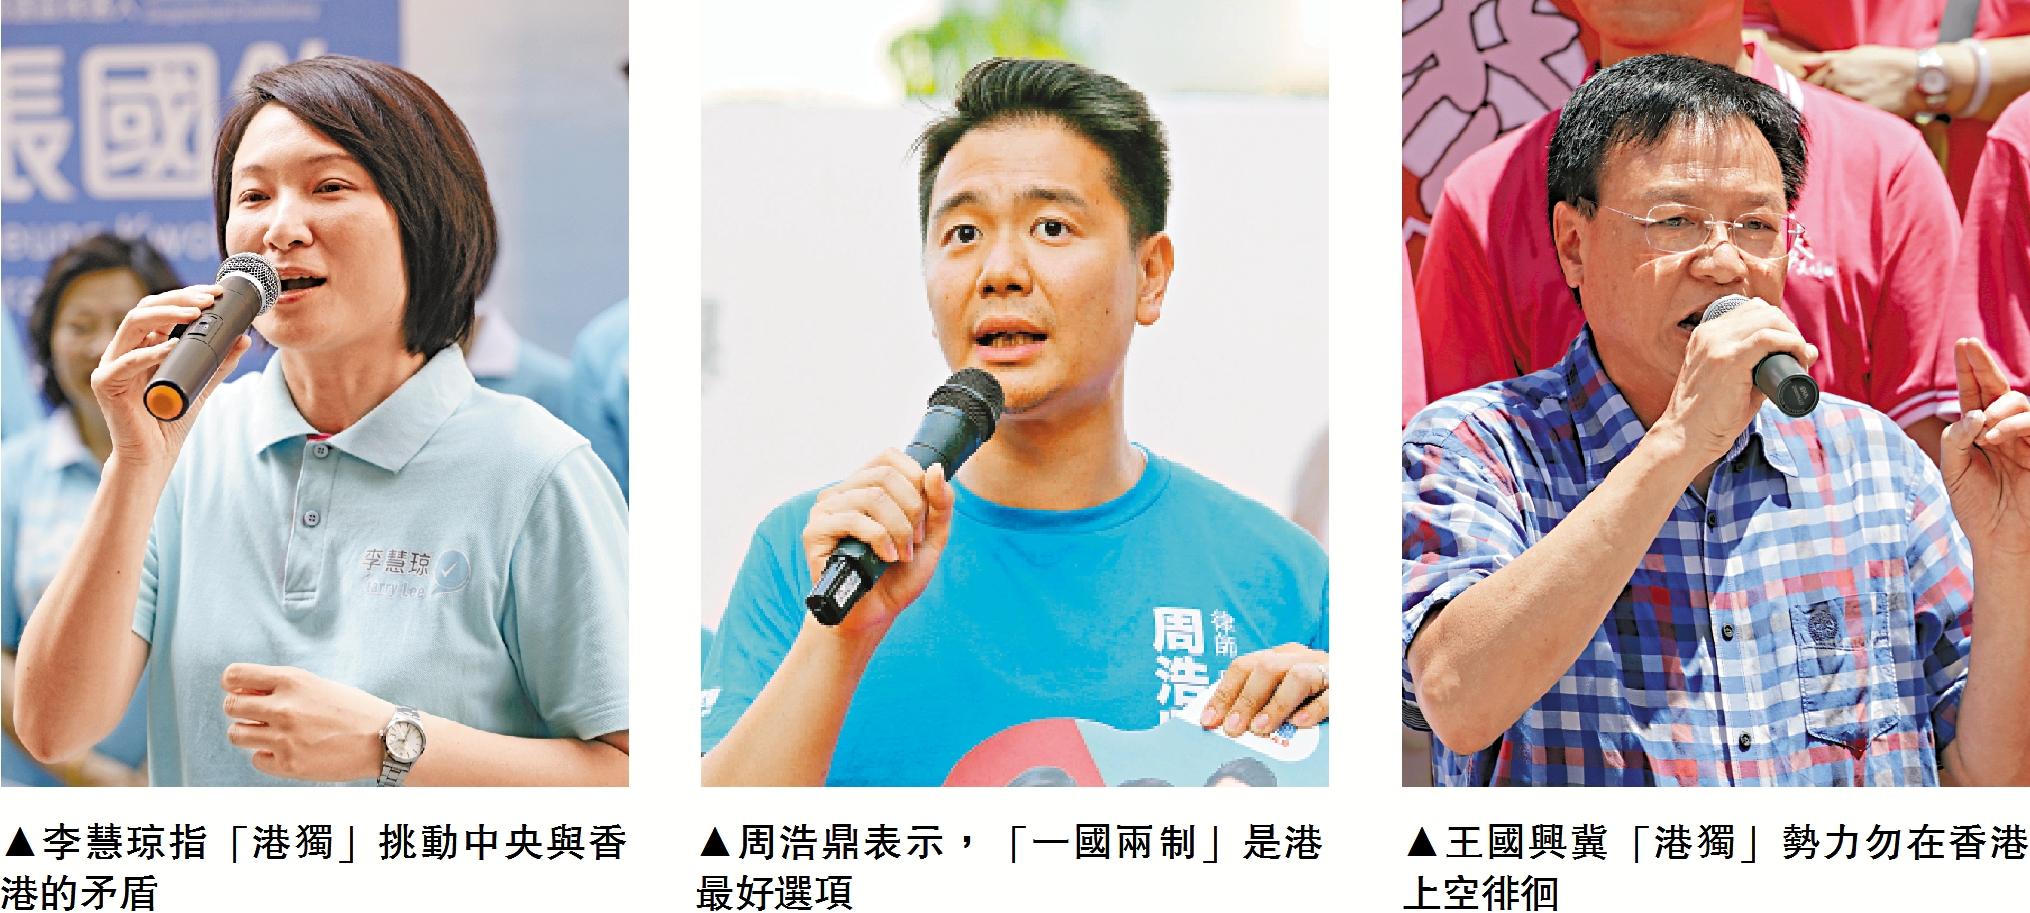 """李慧琼周浩鼎等斥""""港独""""死路 不容立会变成宣传平台"""